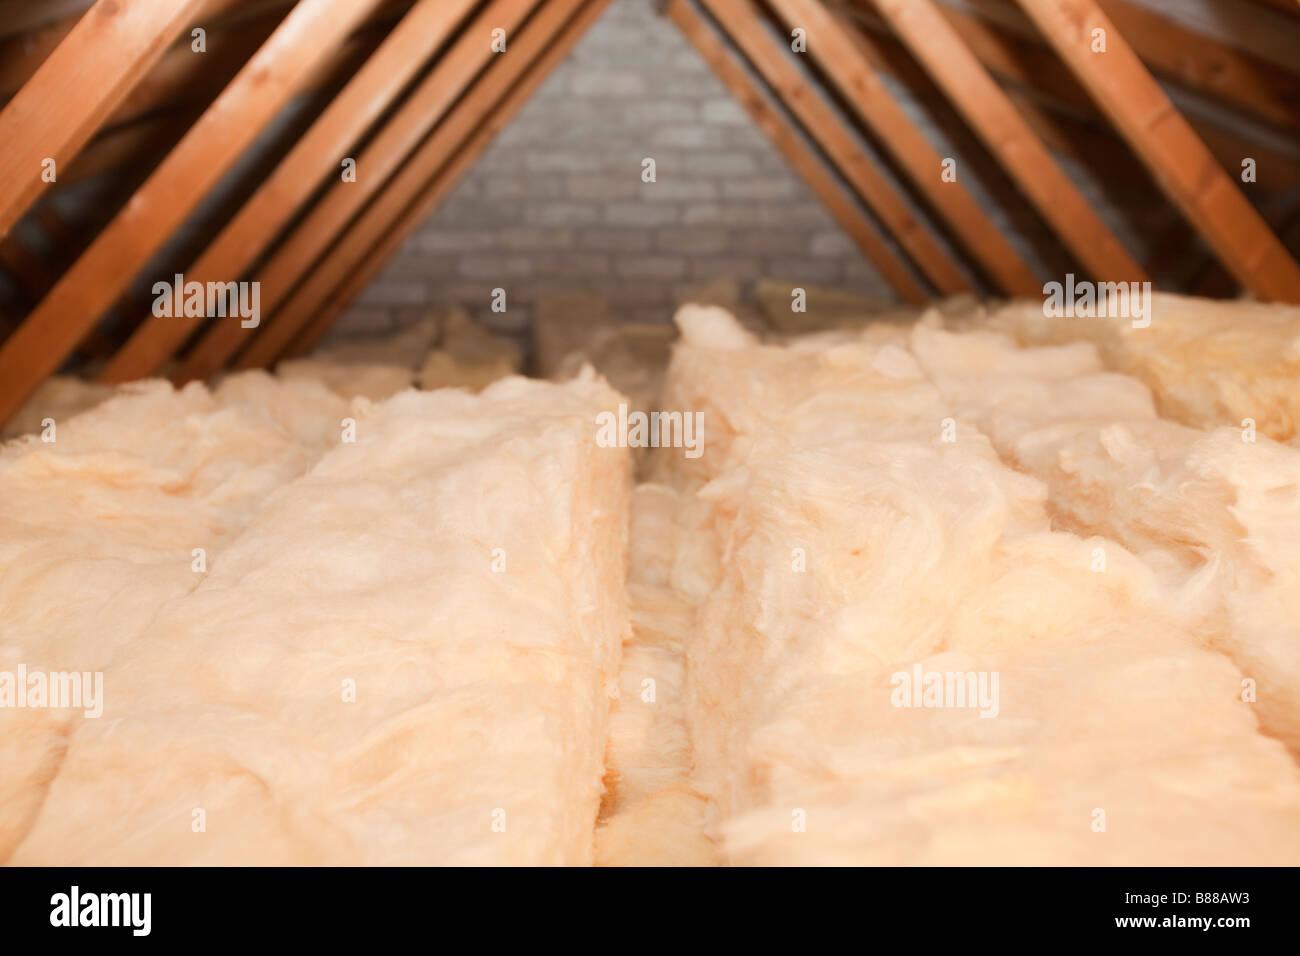 Dachdämmung zu reduzieren Wärmeverluste in einem Haus loft Stockbild